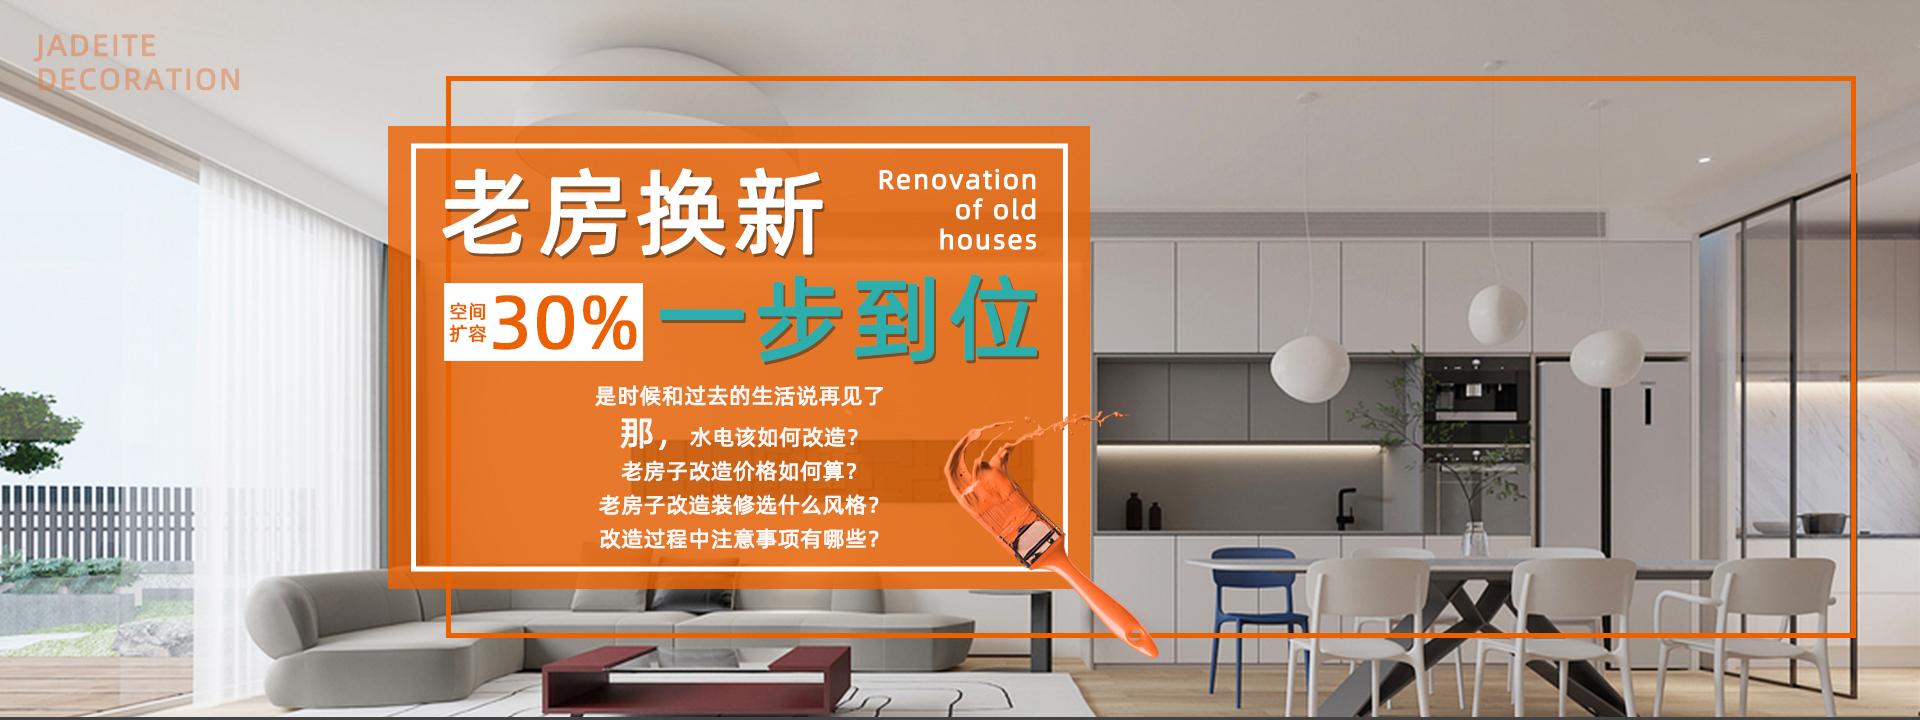 徐州旧房装修公司-锦华旧房改造-老房翻新-二手房翻新